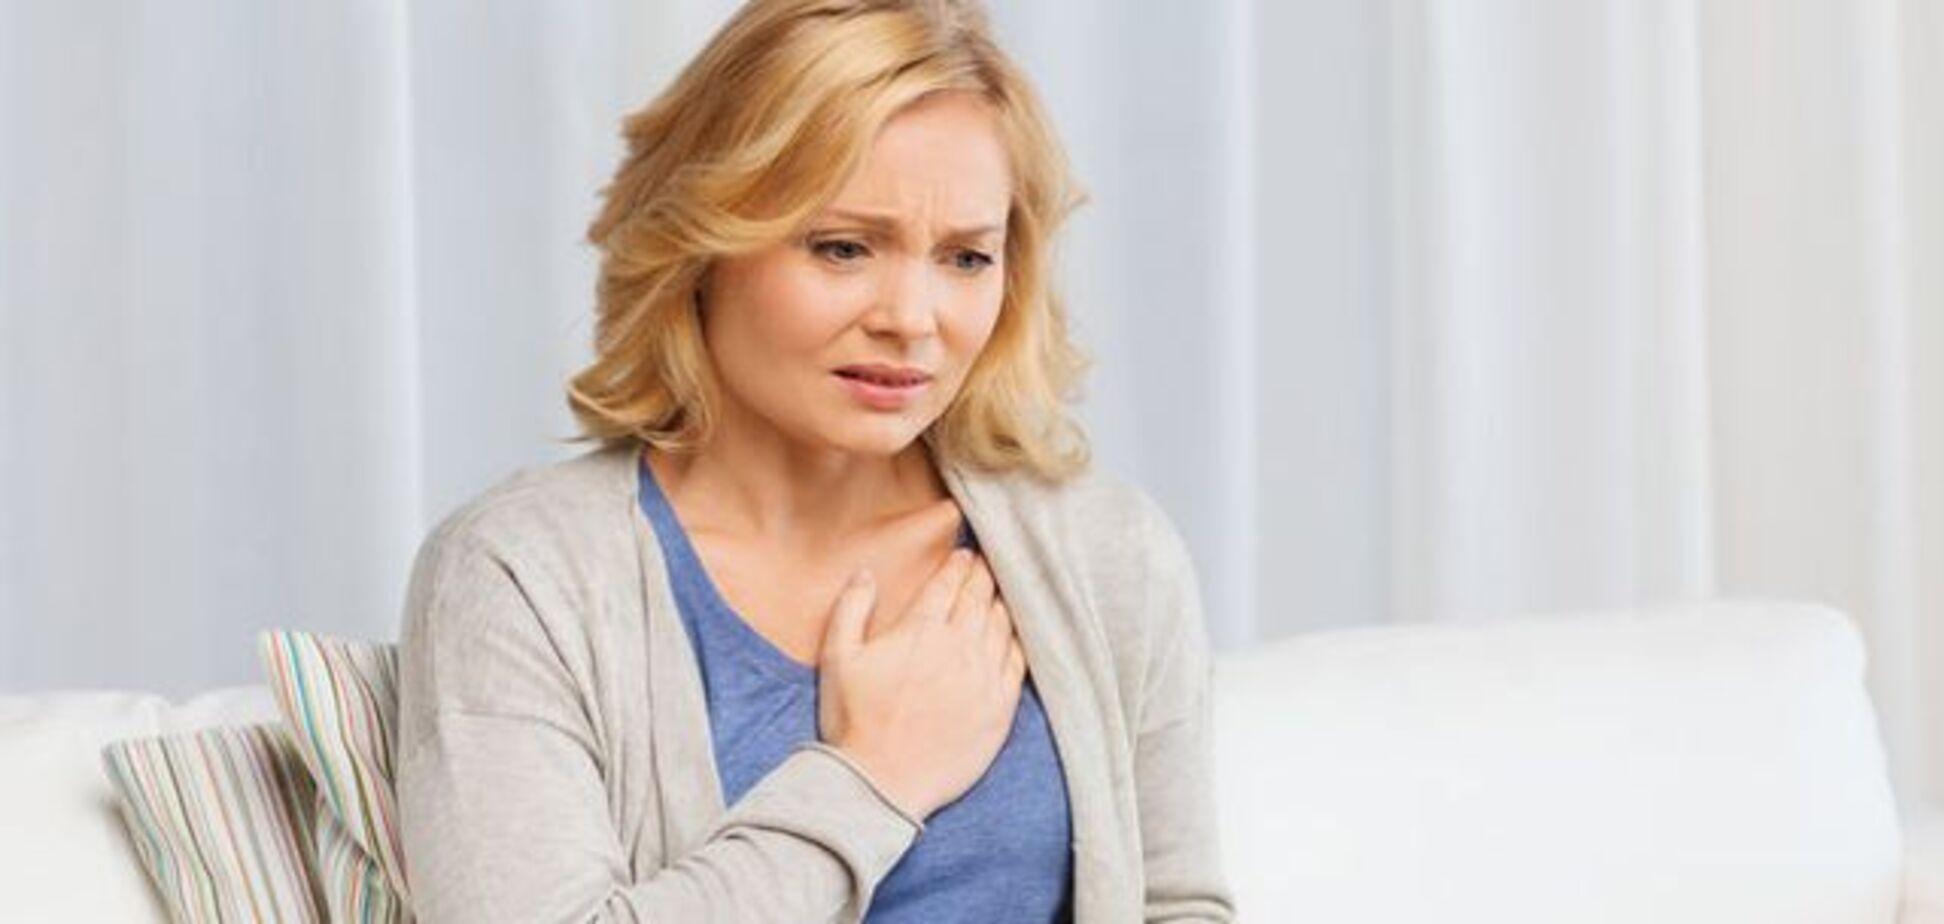 Знайдено спосіб підвищити виживаність жінок із запущеним раком грудей